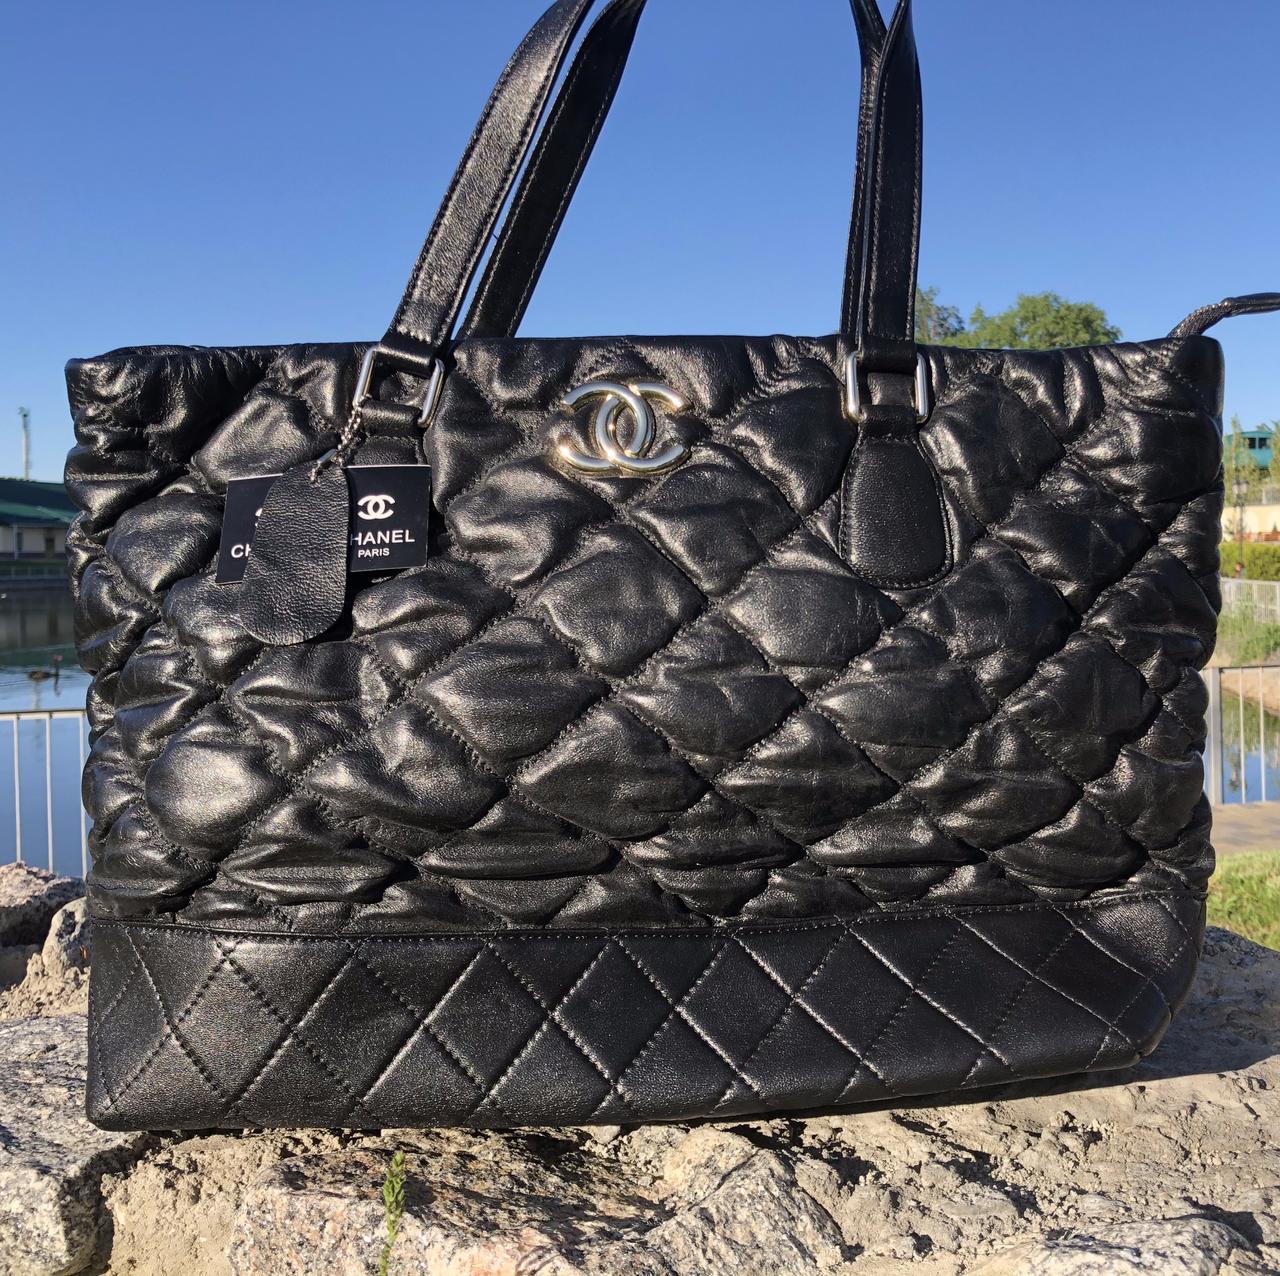 Женская сумка Chanel большая черная. Фото в живую. Люксовая реплика